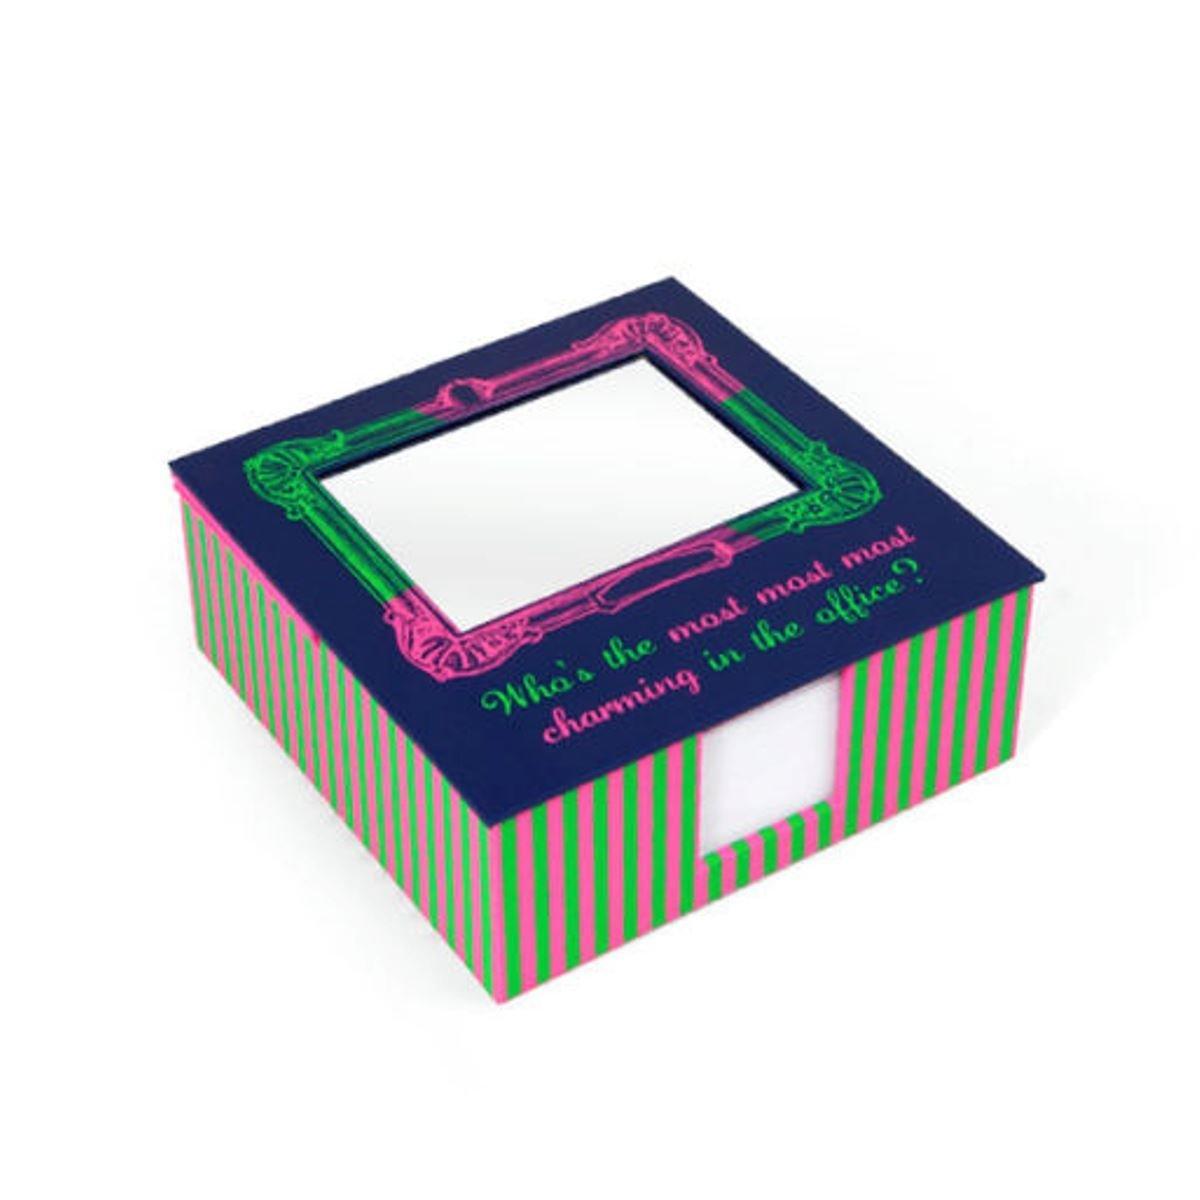 便條紙盒 (誰是辦公室最迷人?)